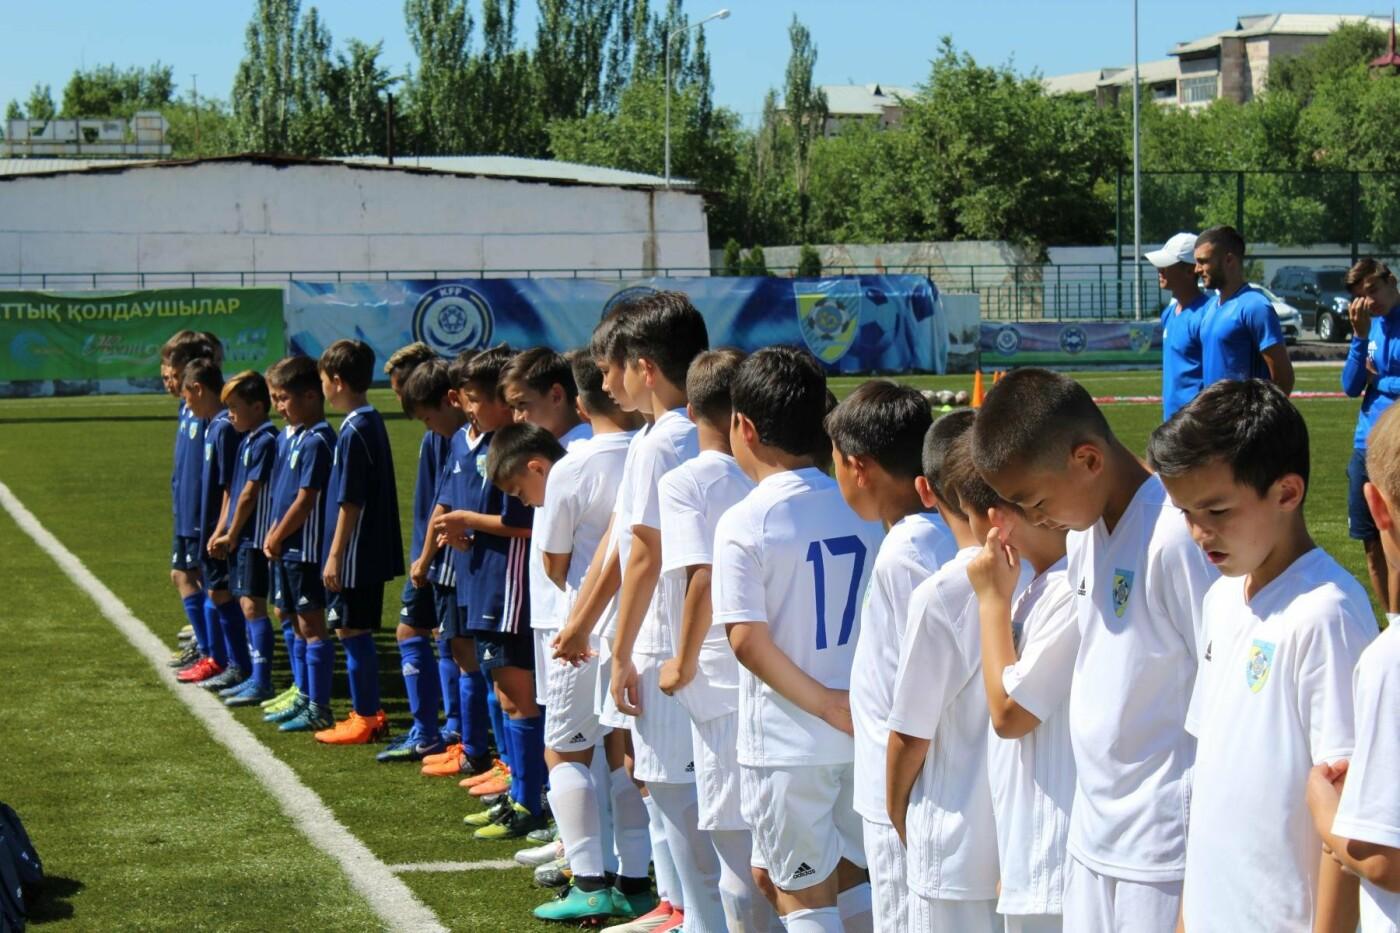 """На Центральном стадионе """"Жетысу"""" в Талдыкоргане прошел фестиваль футбола, фото-1"""